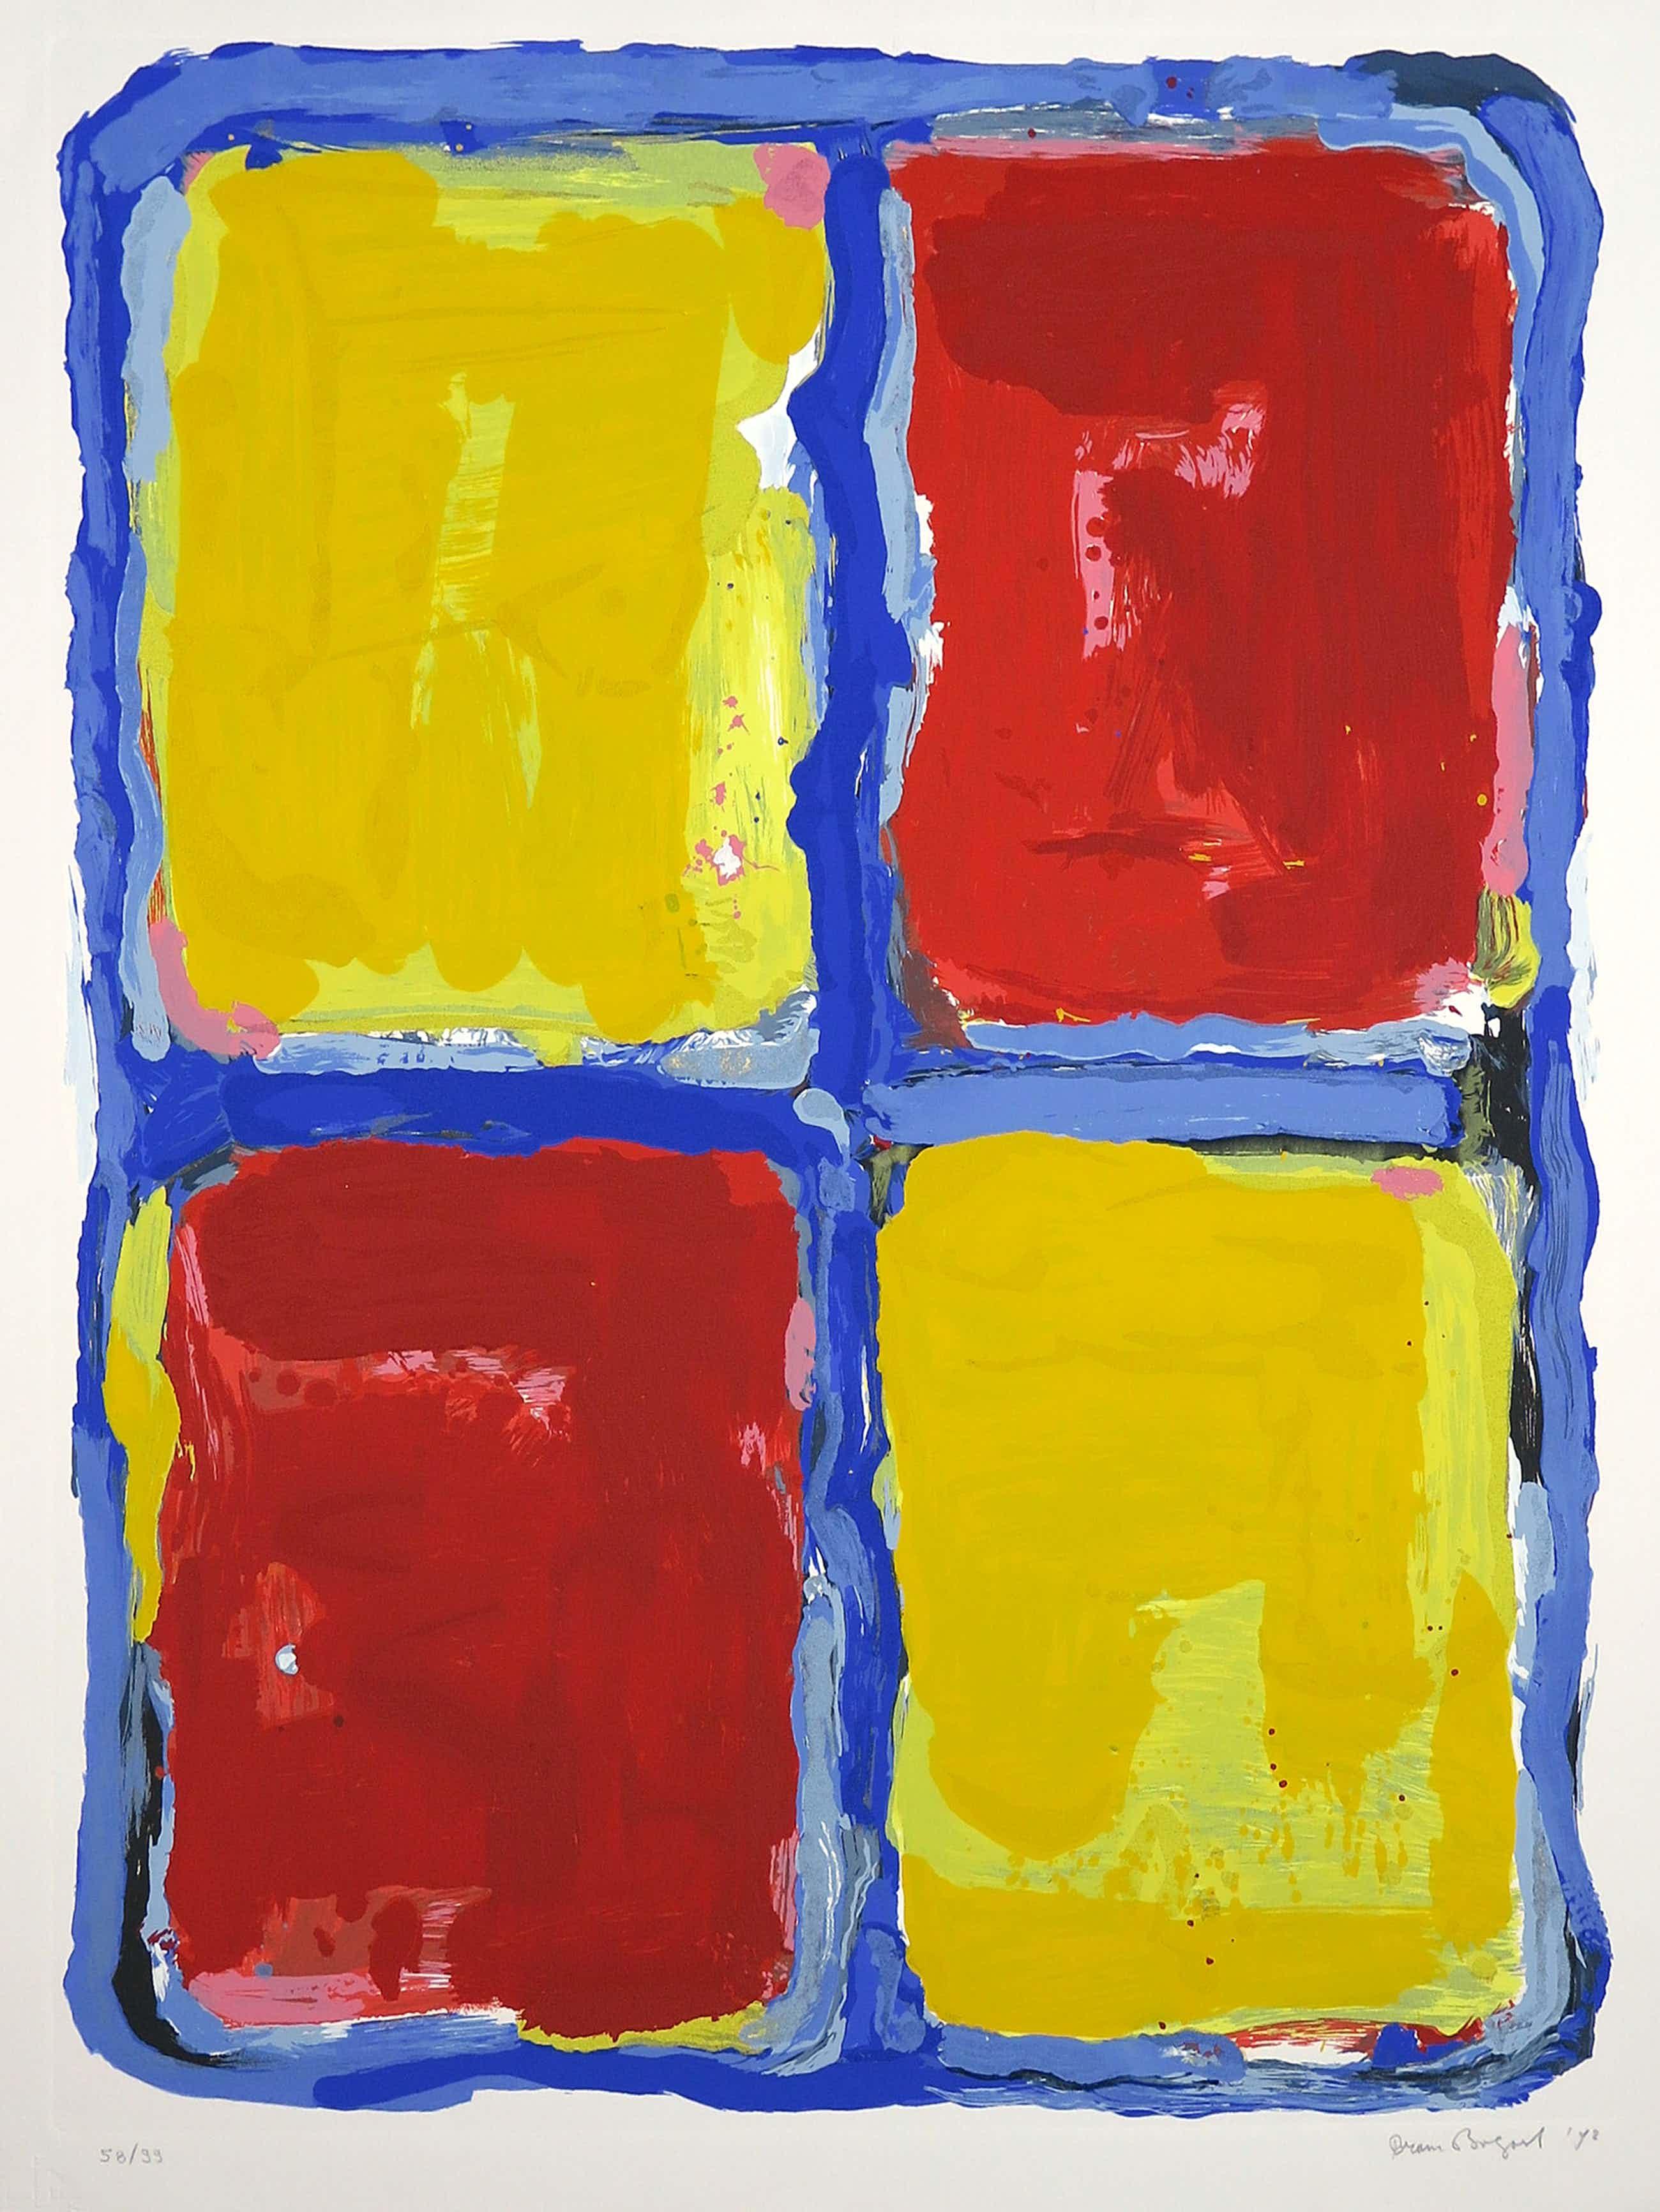 Bram Bogart - Litho en materiedruk, Abstracte compositie kopen? Bied vanaf 385!